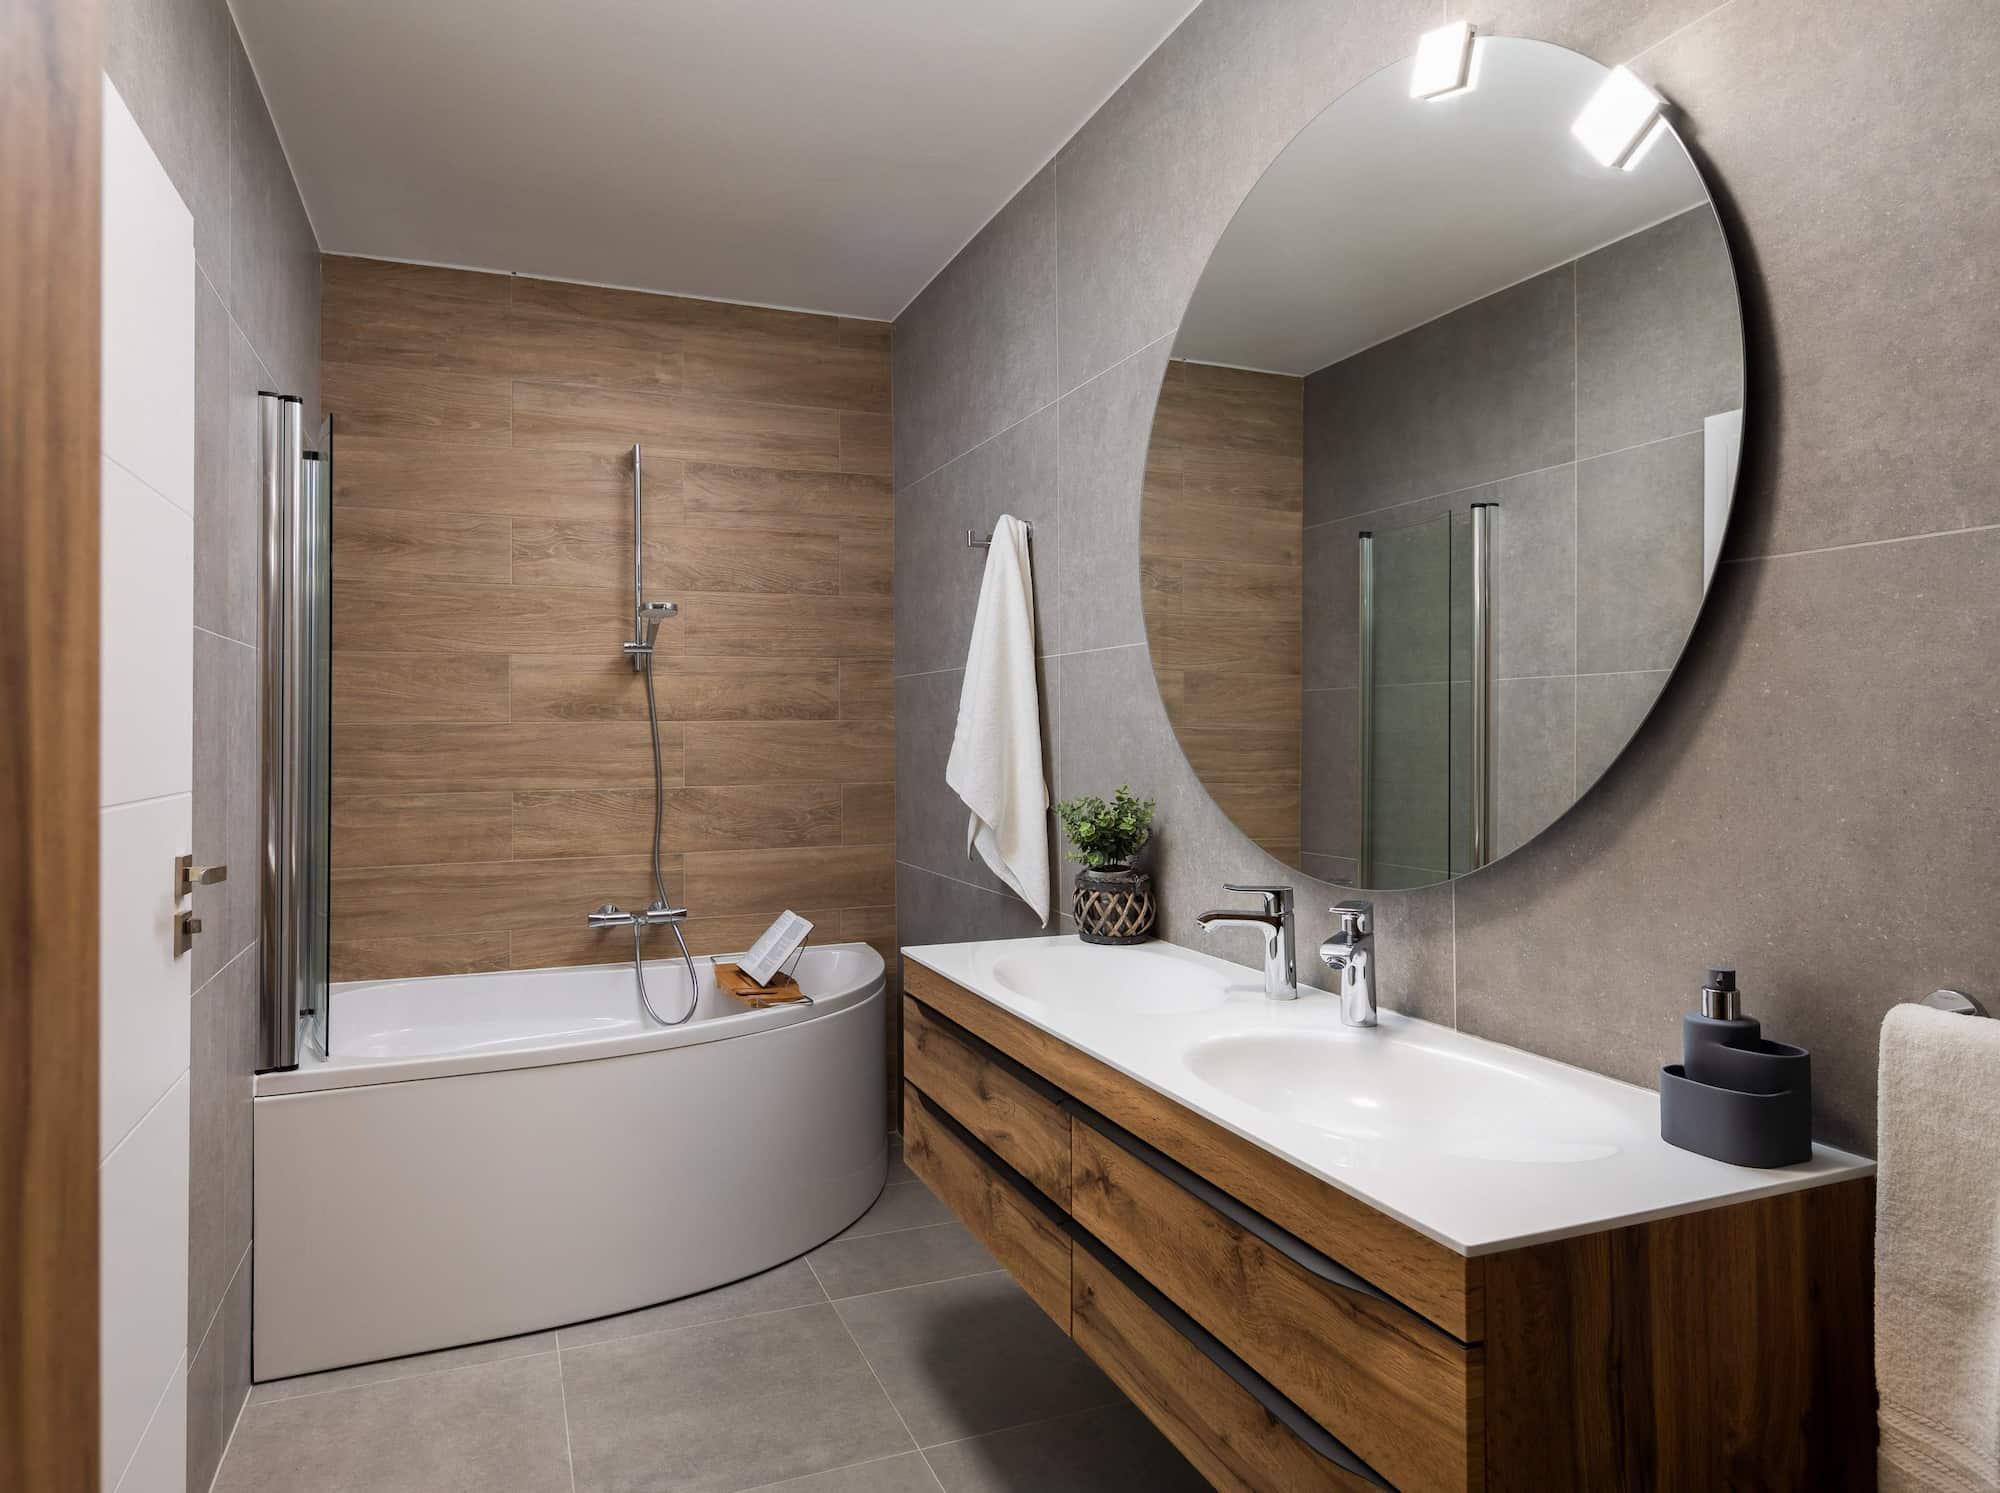 Vila za odmor s bazenom u Hrvatskoj, kupaonica sa sivim i drvenim pločicama te s dva umivaonika i velikom kadom